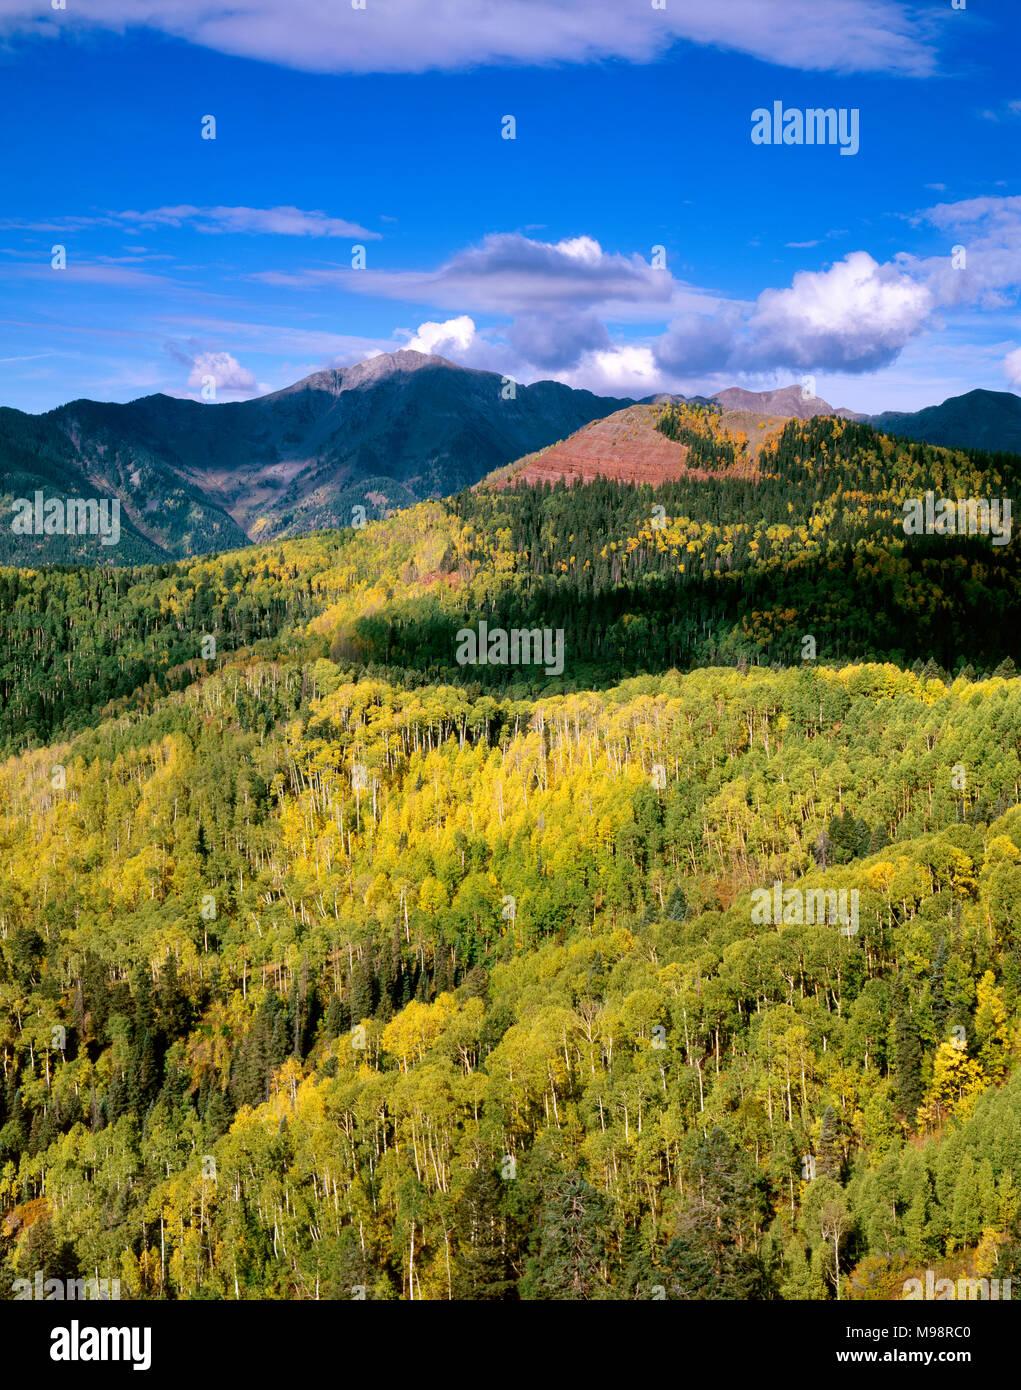 Montaña de Plata, el Bosque Nacional de San Juan, Colorado Imagen De Stock